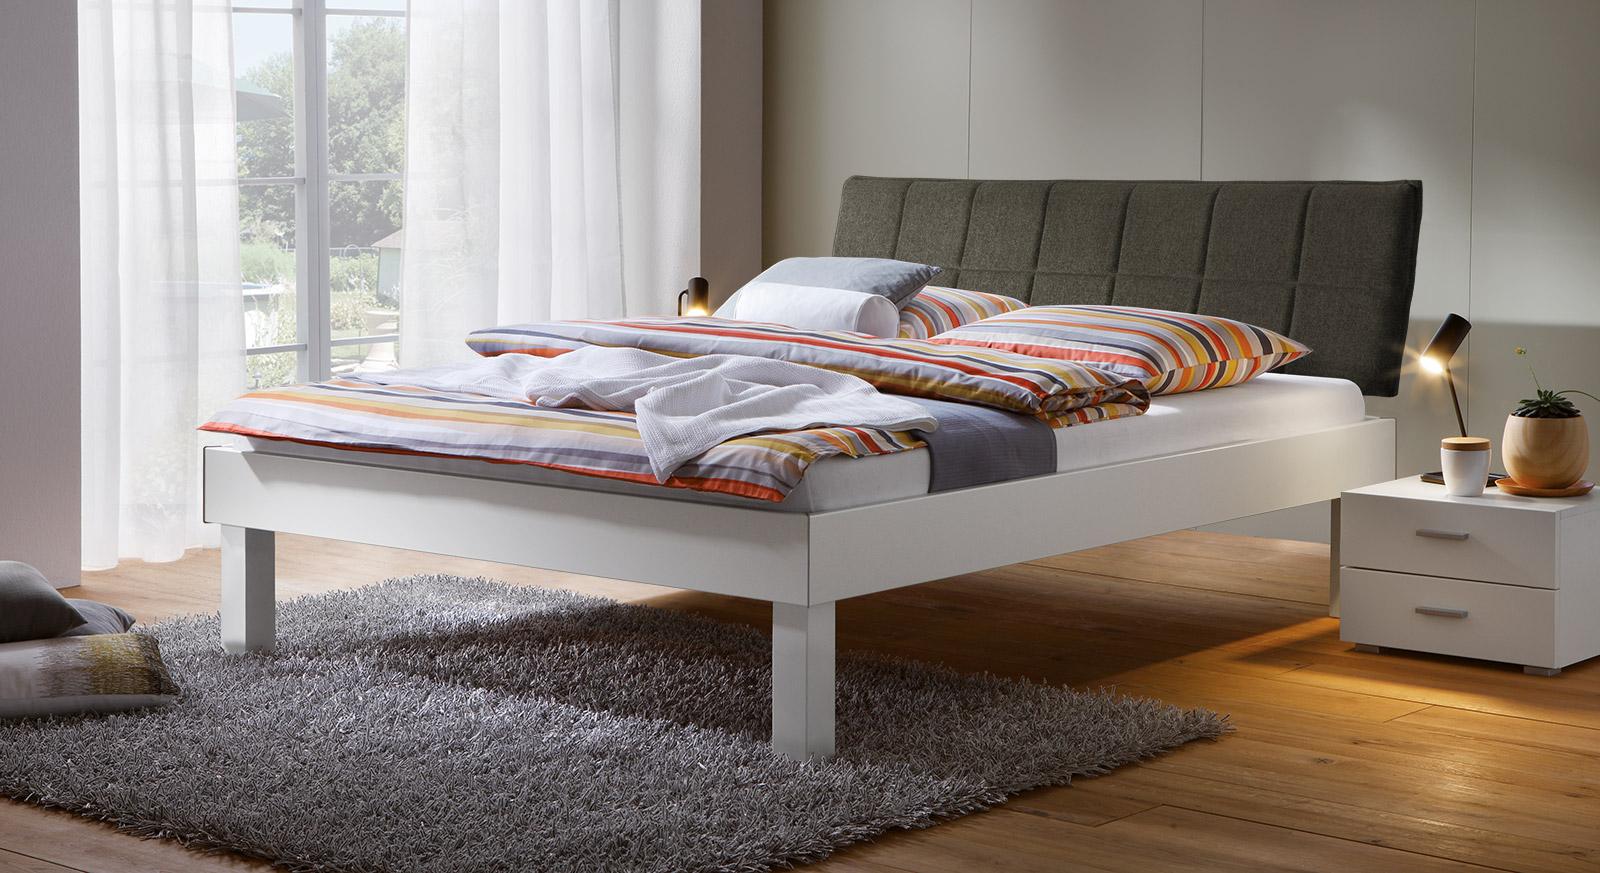 Bett Sierra mit 30cm Fußhöhe und Kopfteil in Braun